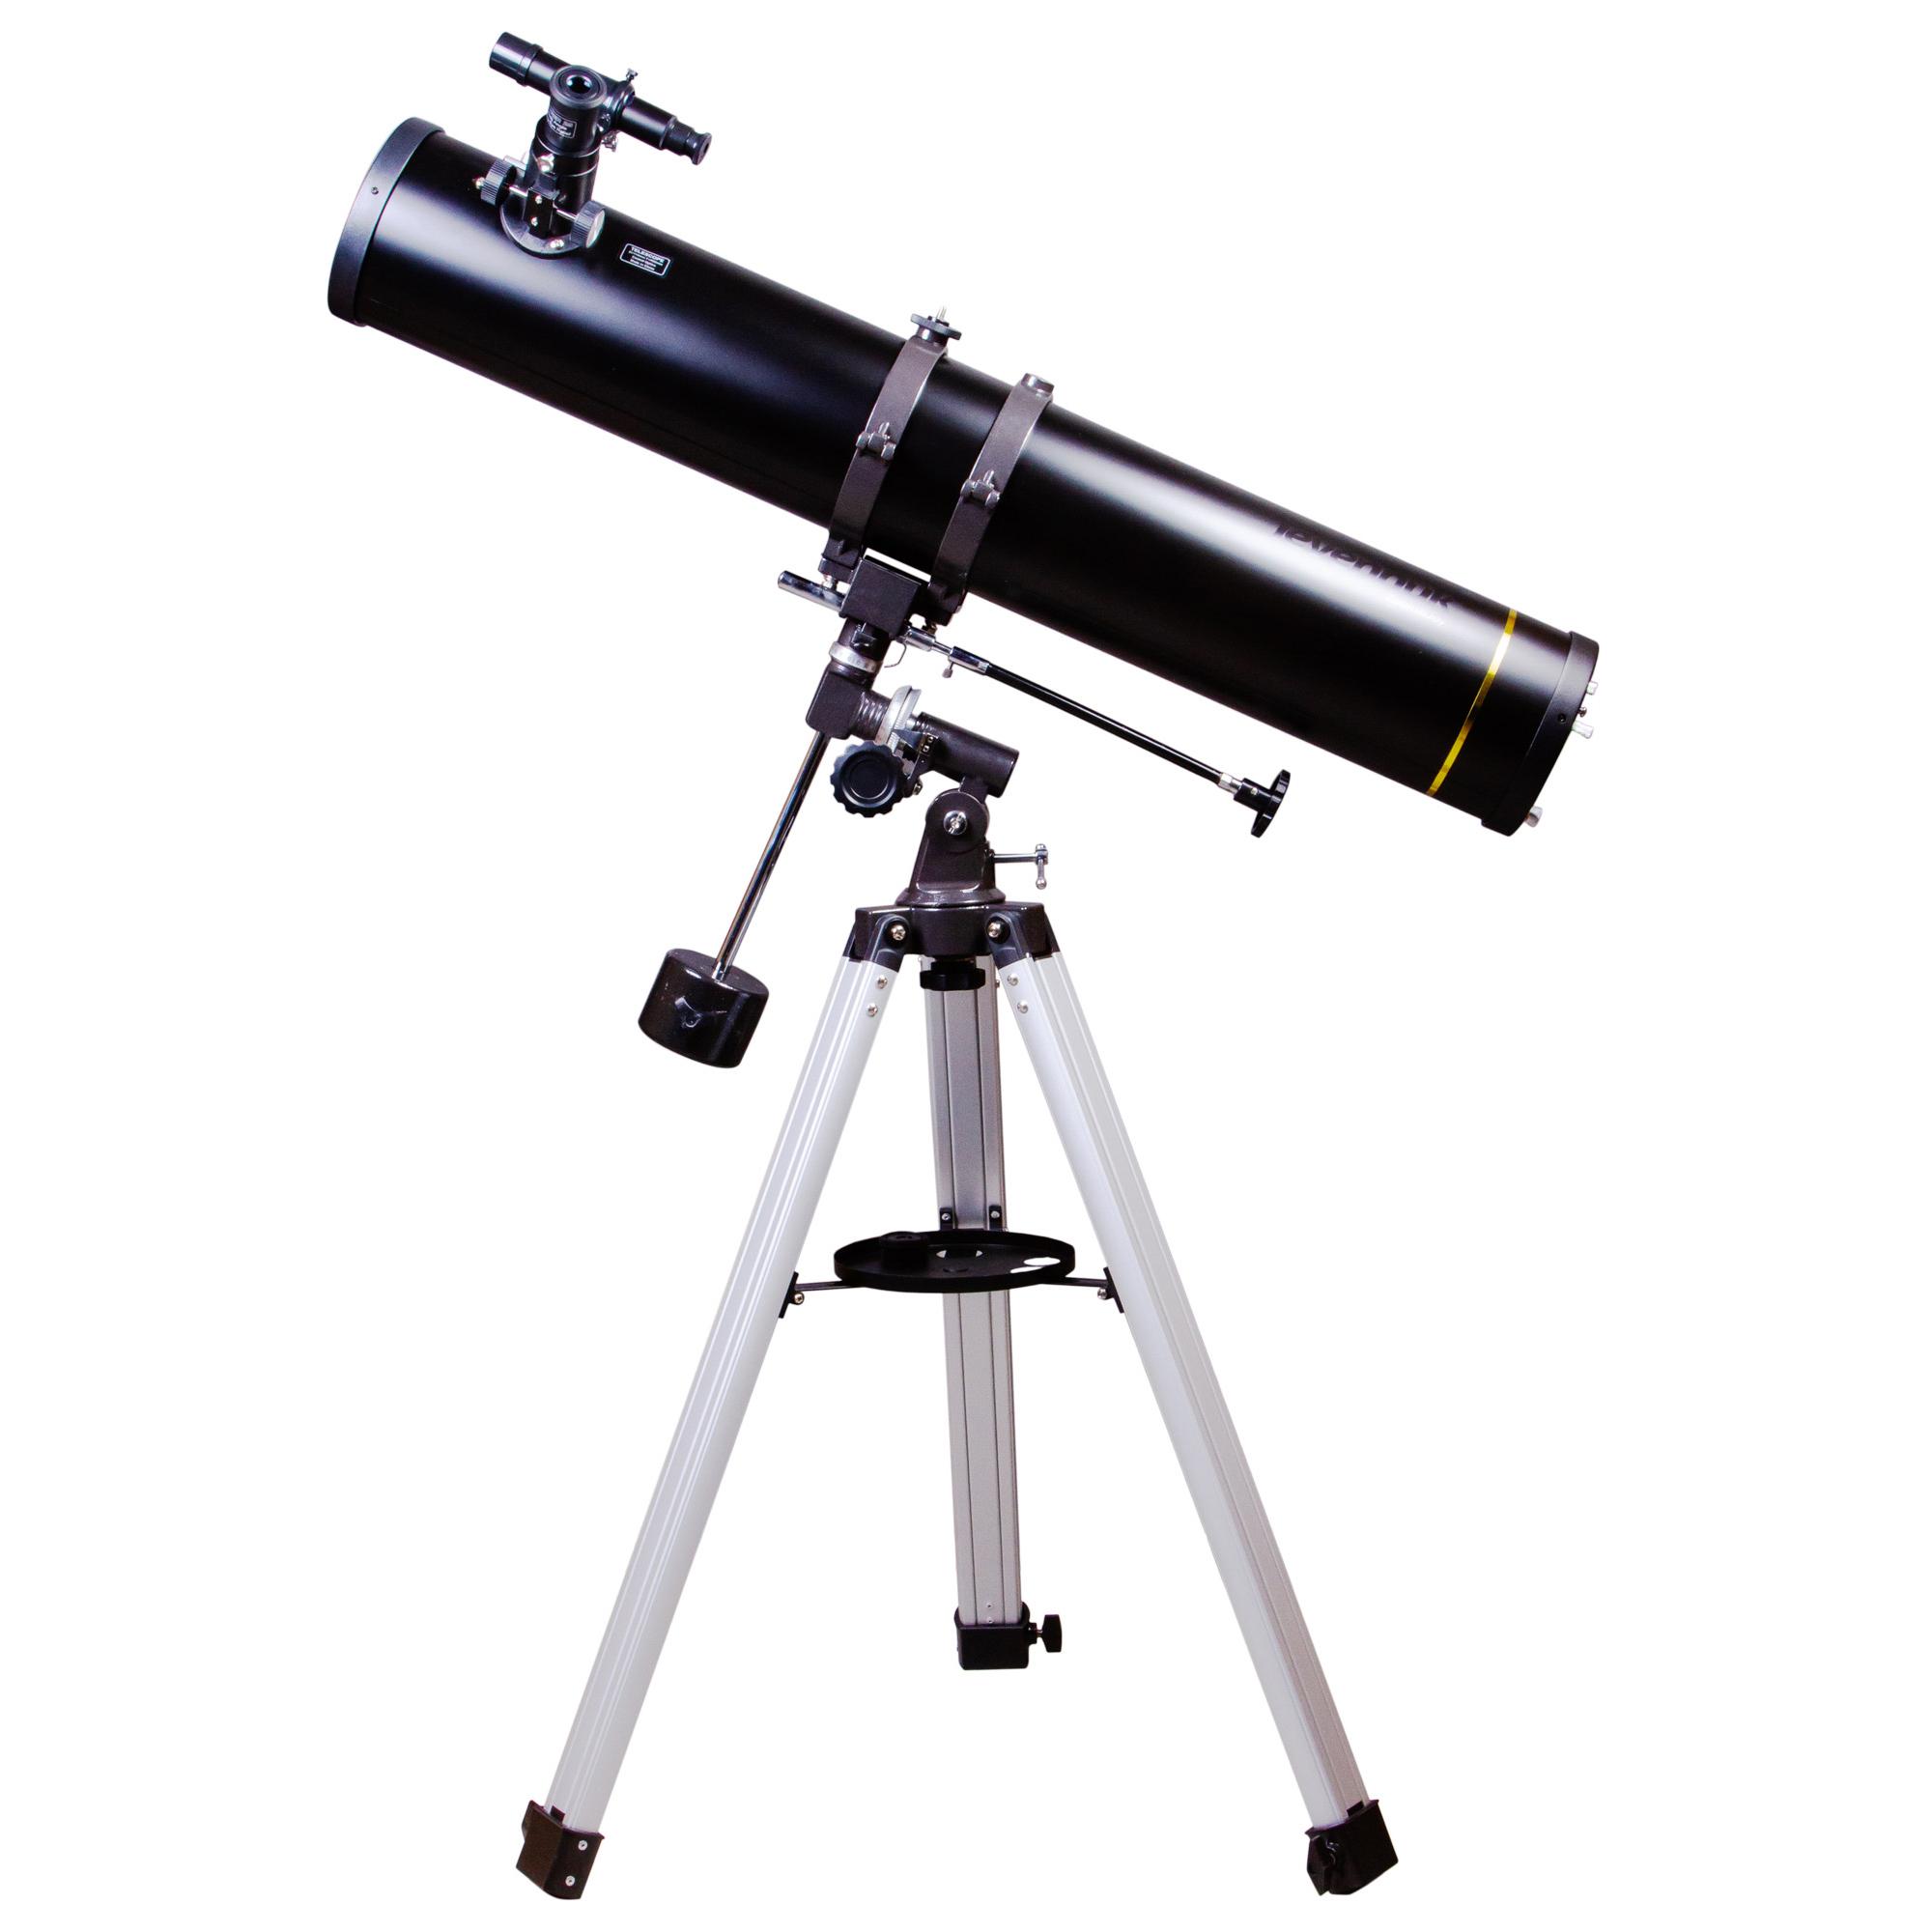 структурная схема фото телескопа чтобы